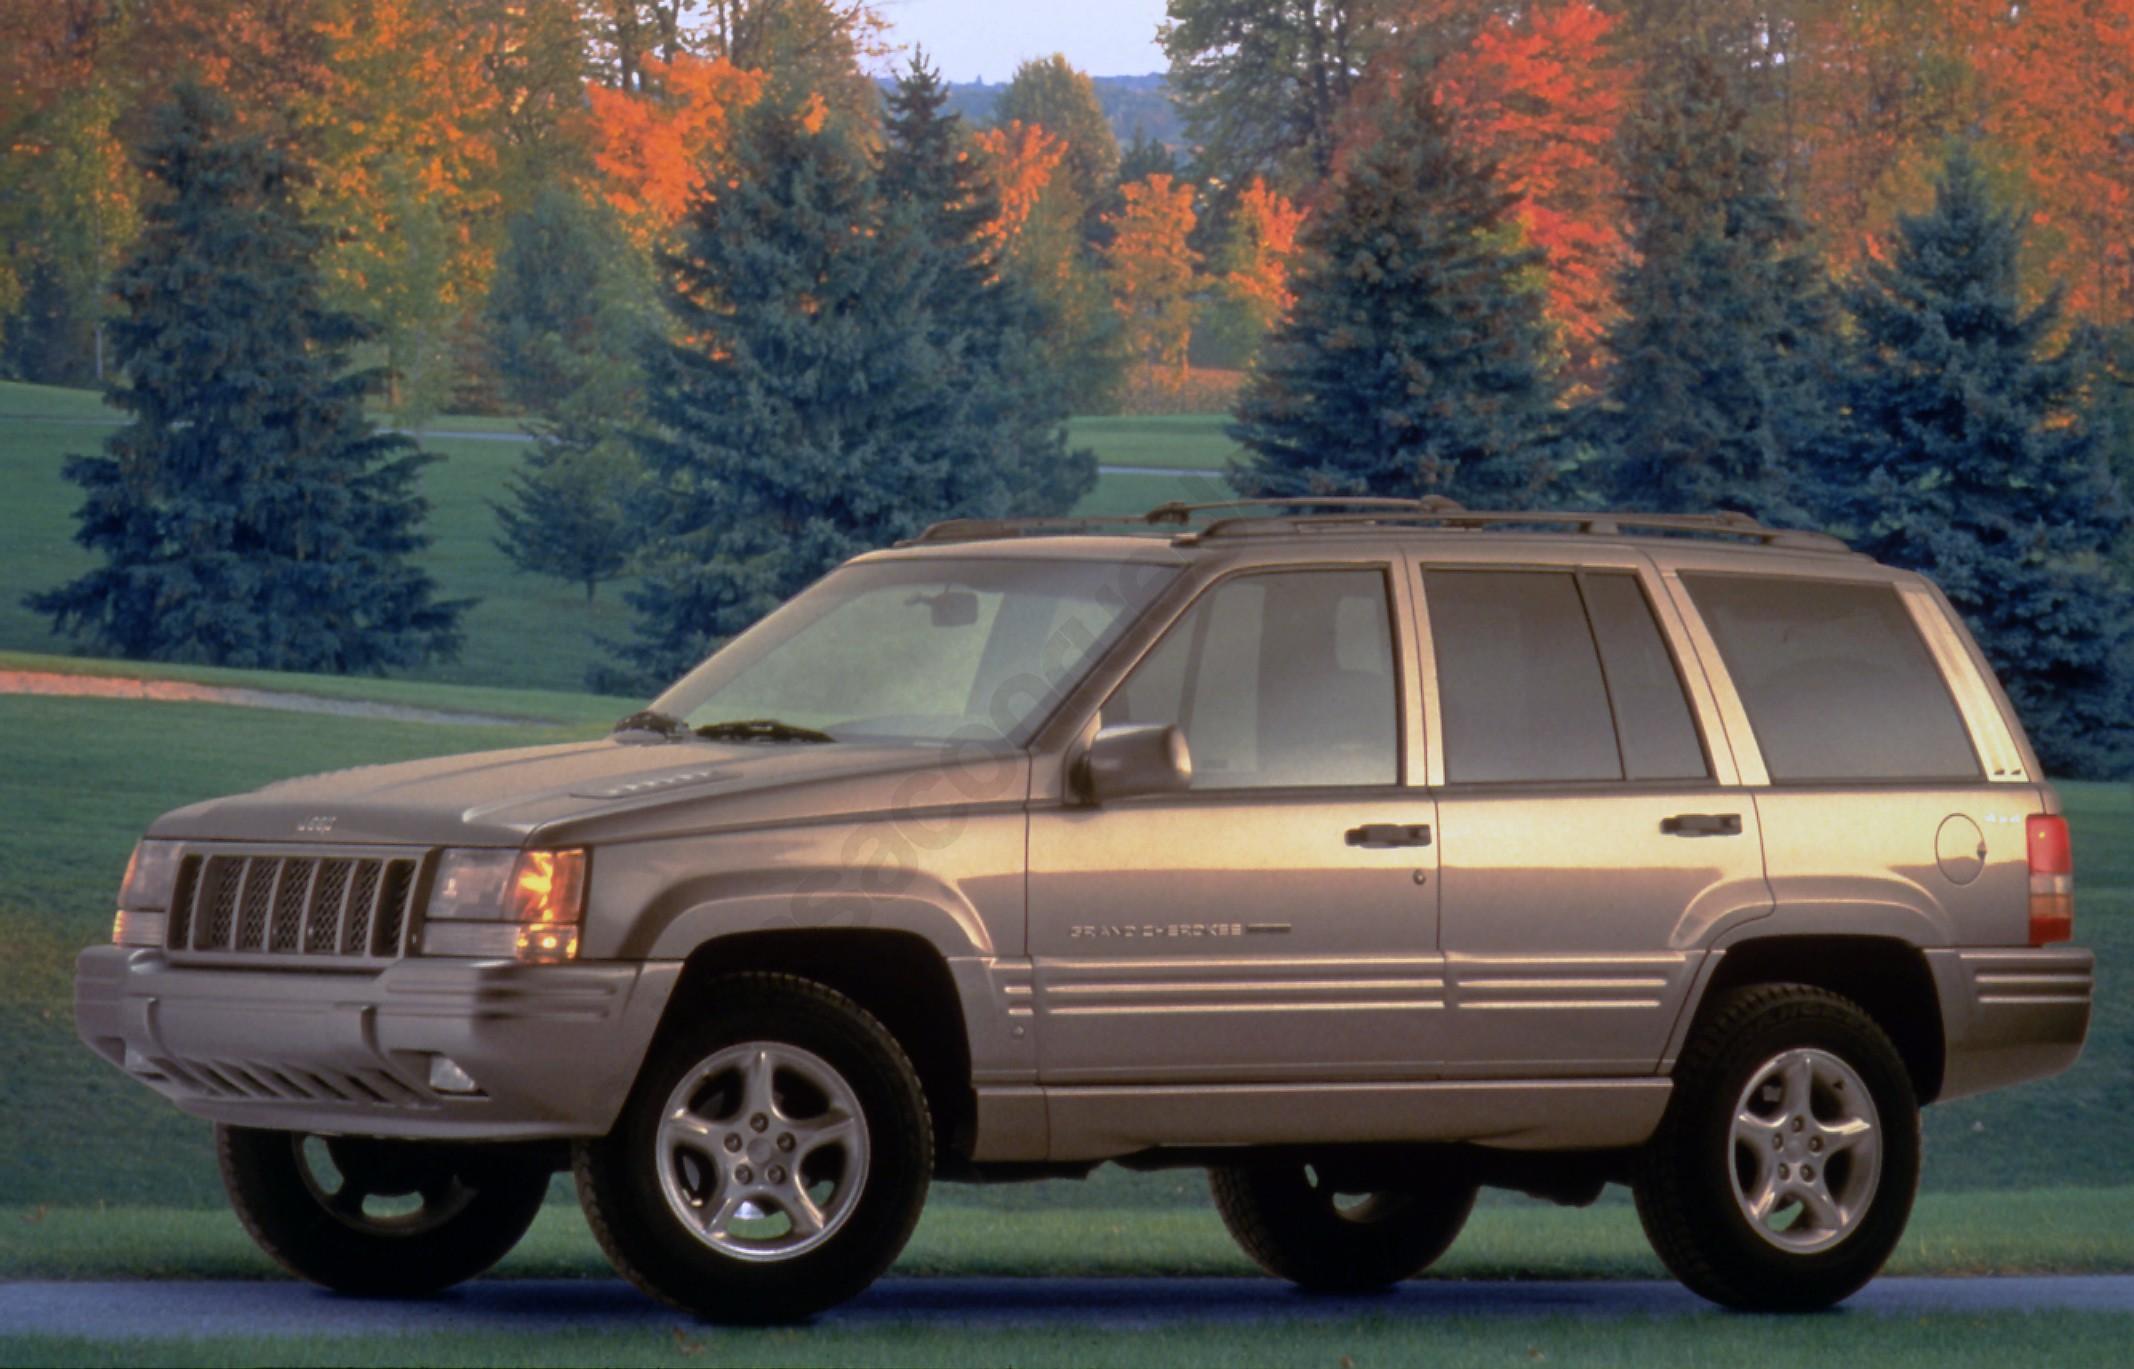 Jeep Grand Cherokke 92-98